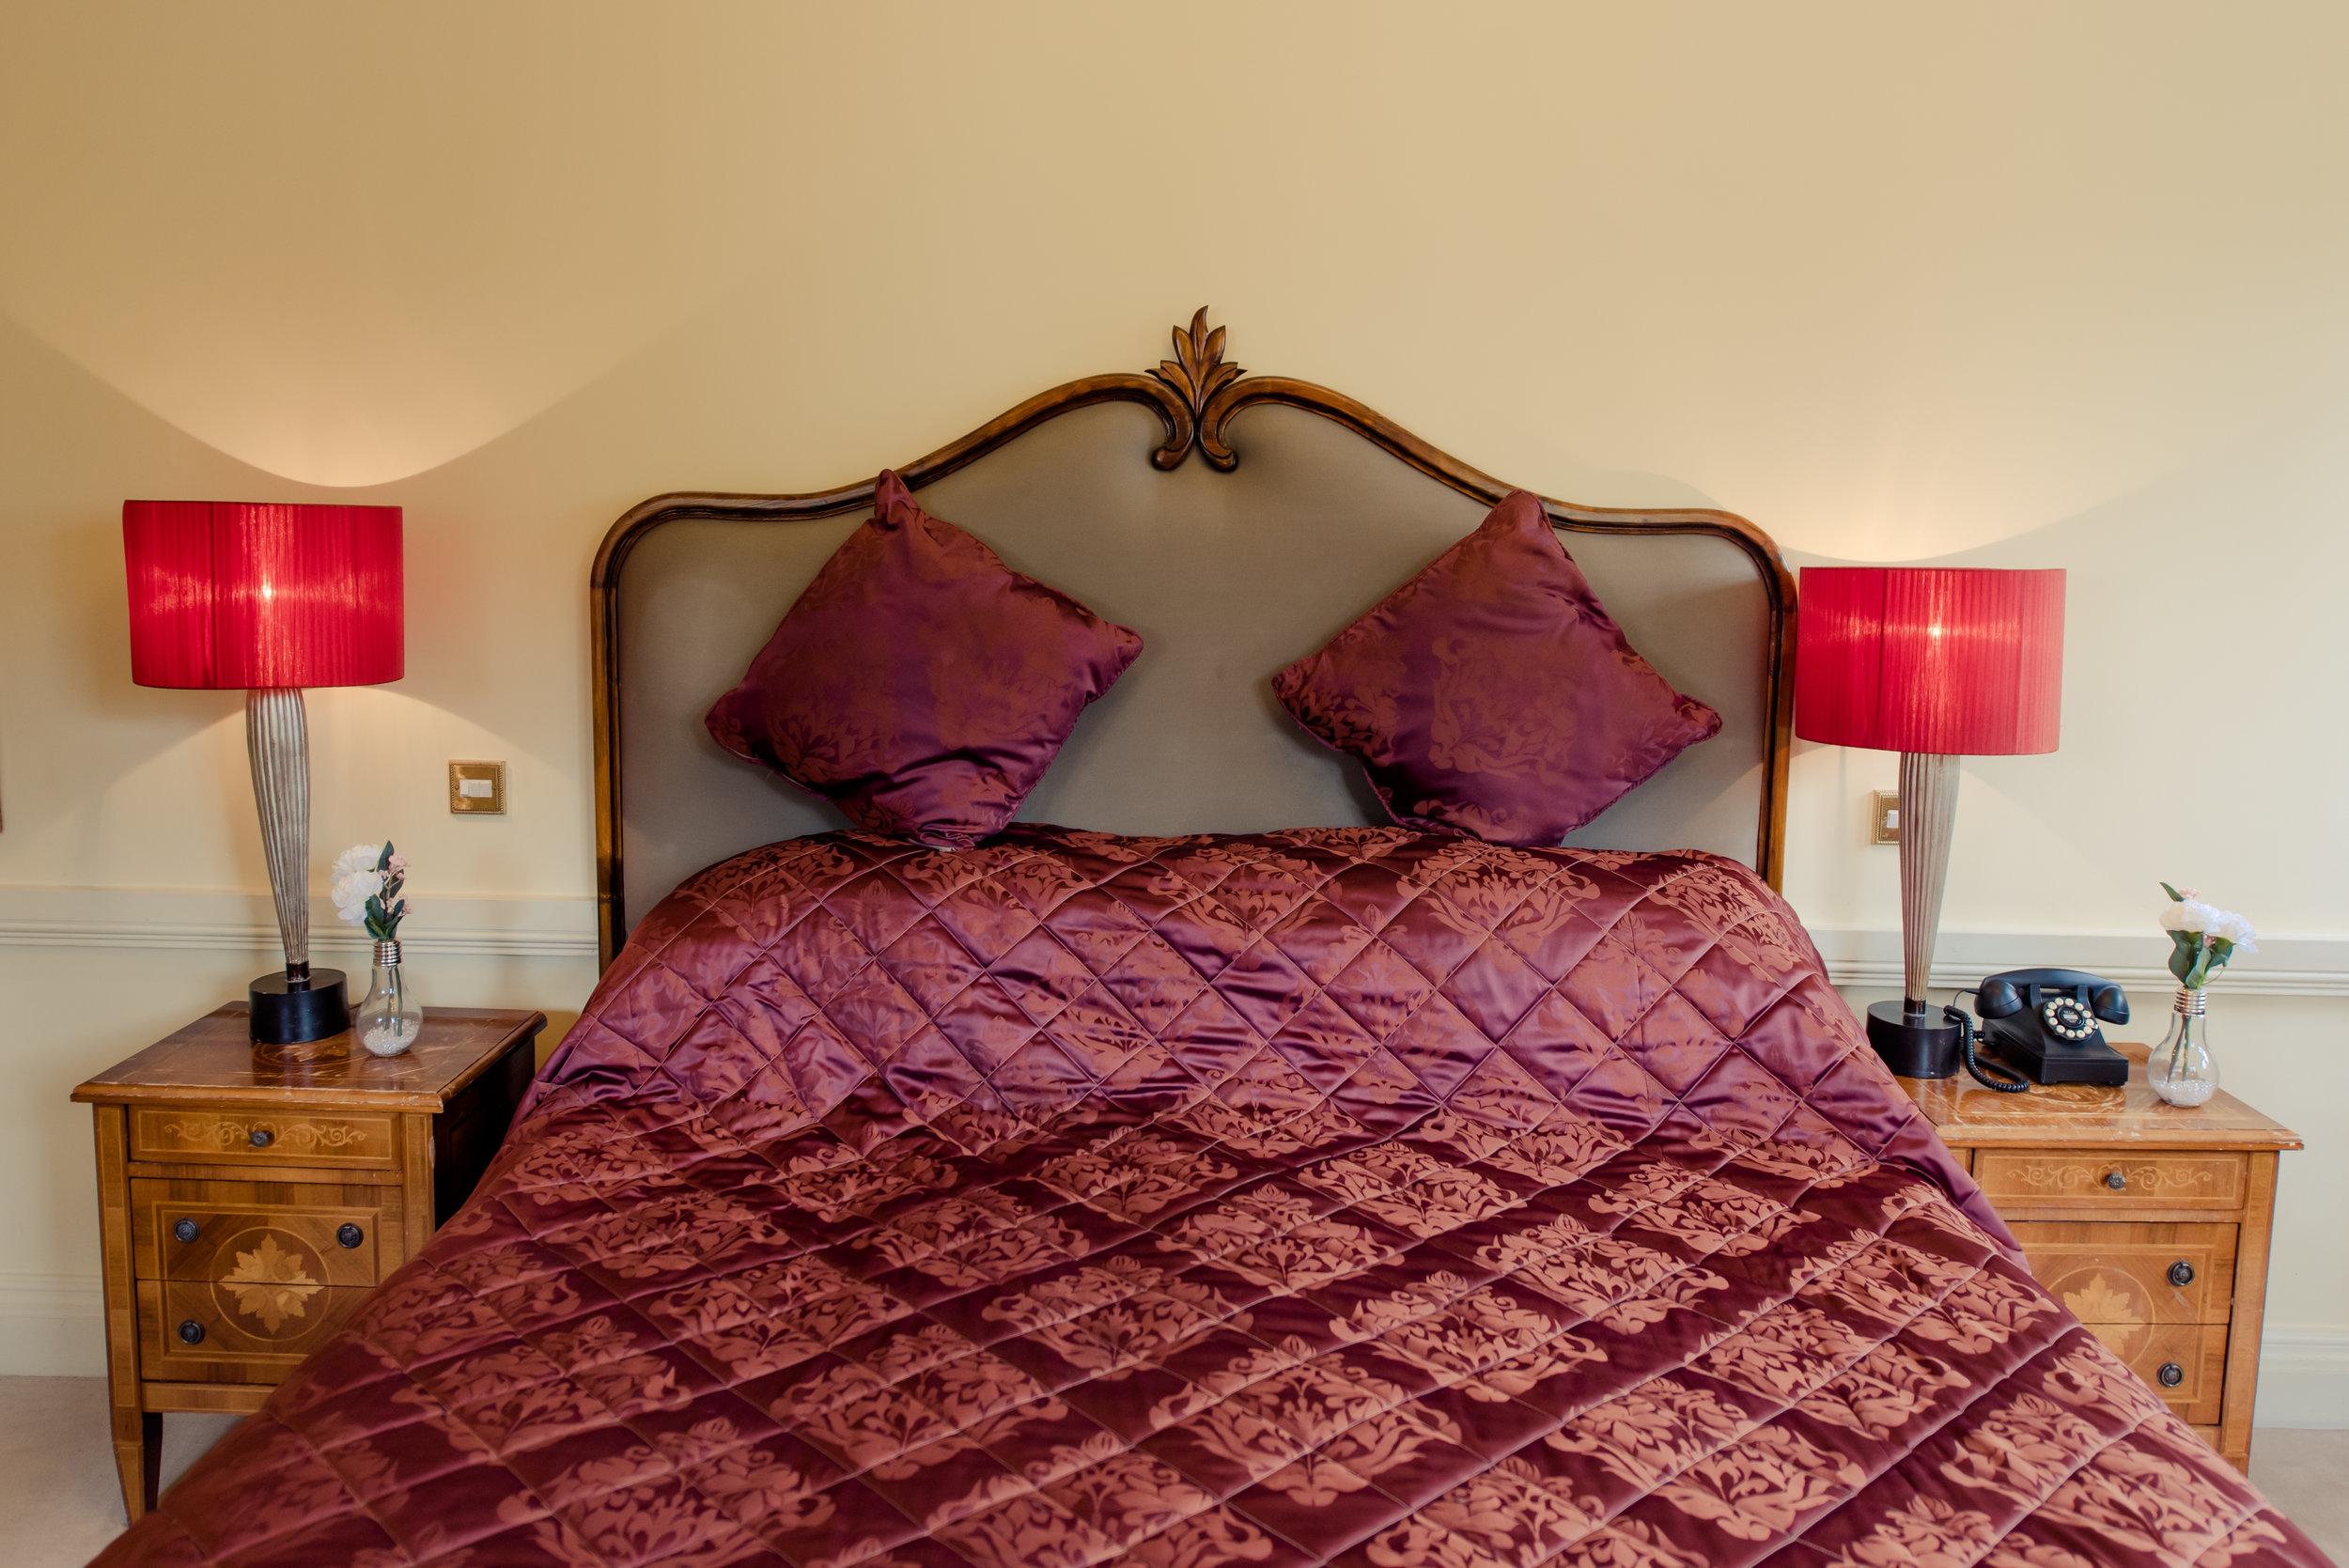 Tulfarris Hotel & Golf Resort Manor House red setting bedroom.jpg